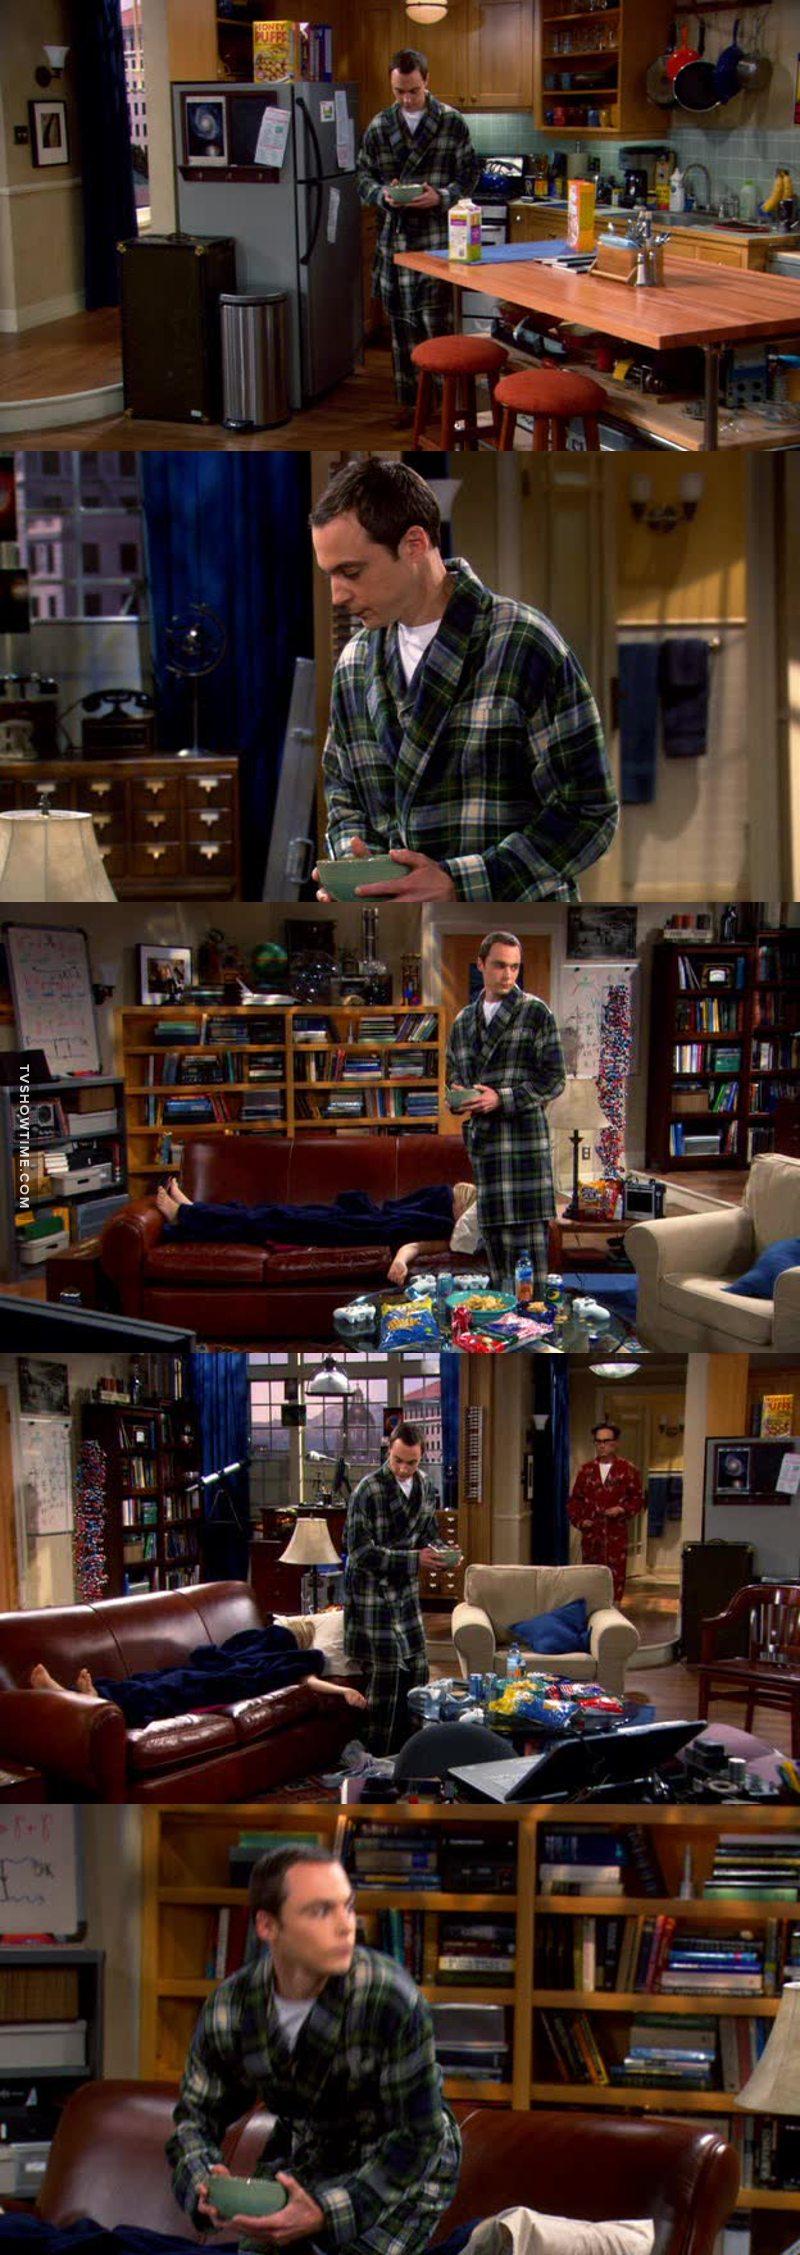 Sheldon e le sue abitudini del sabato mattina 😂😂